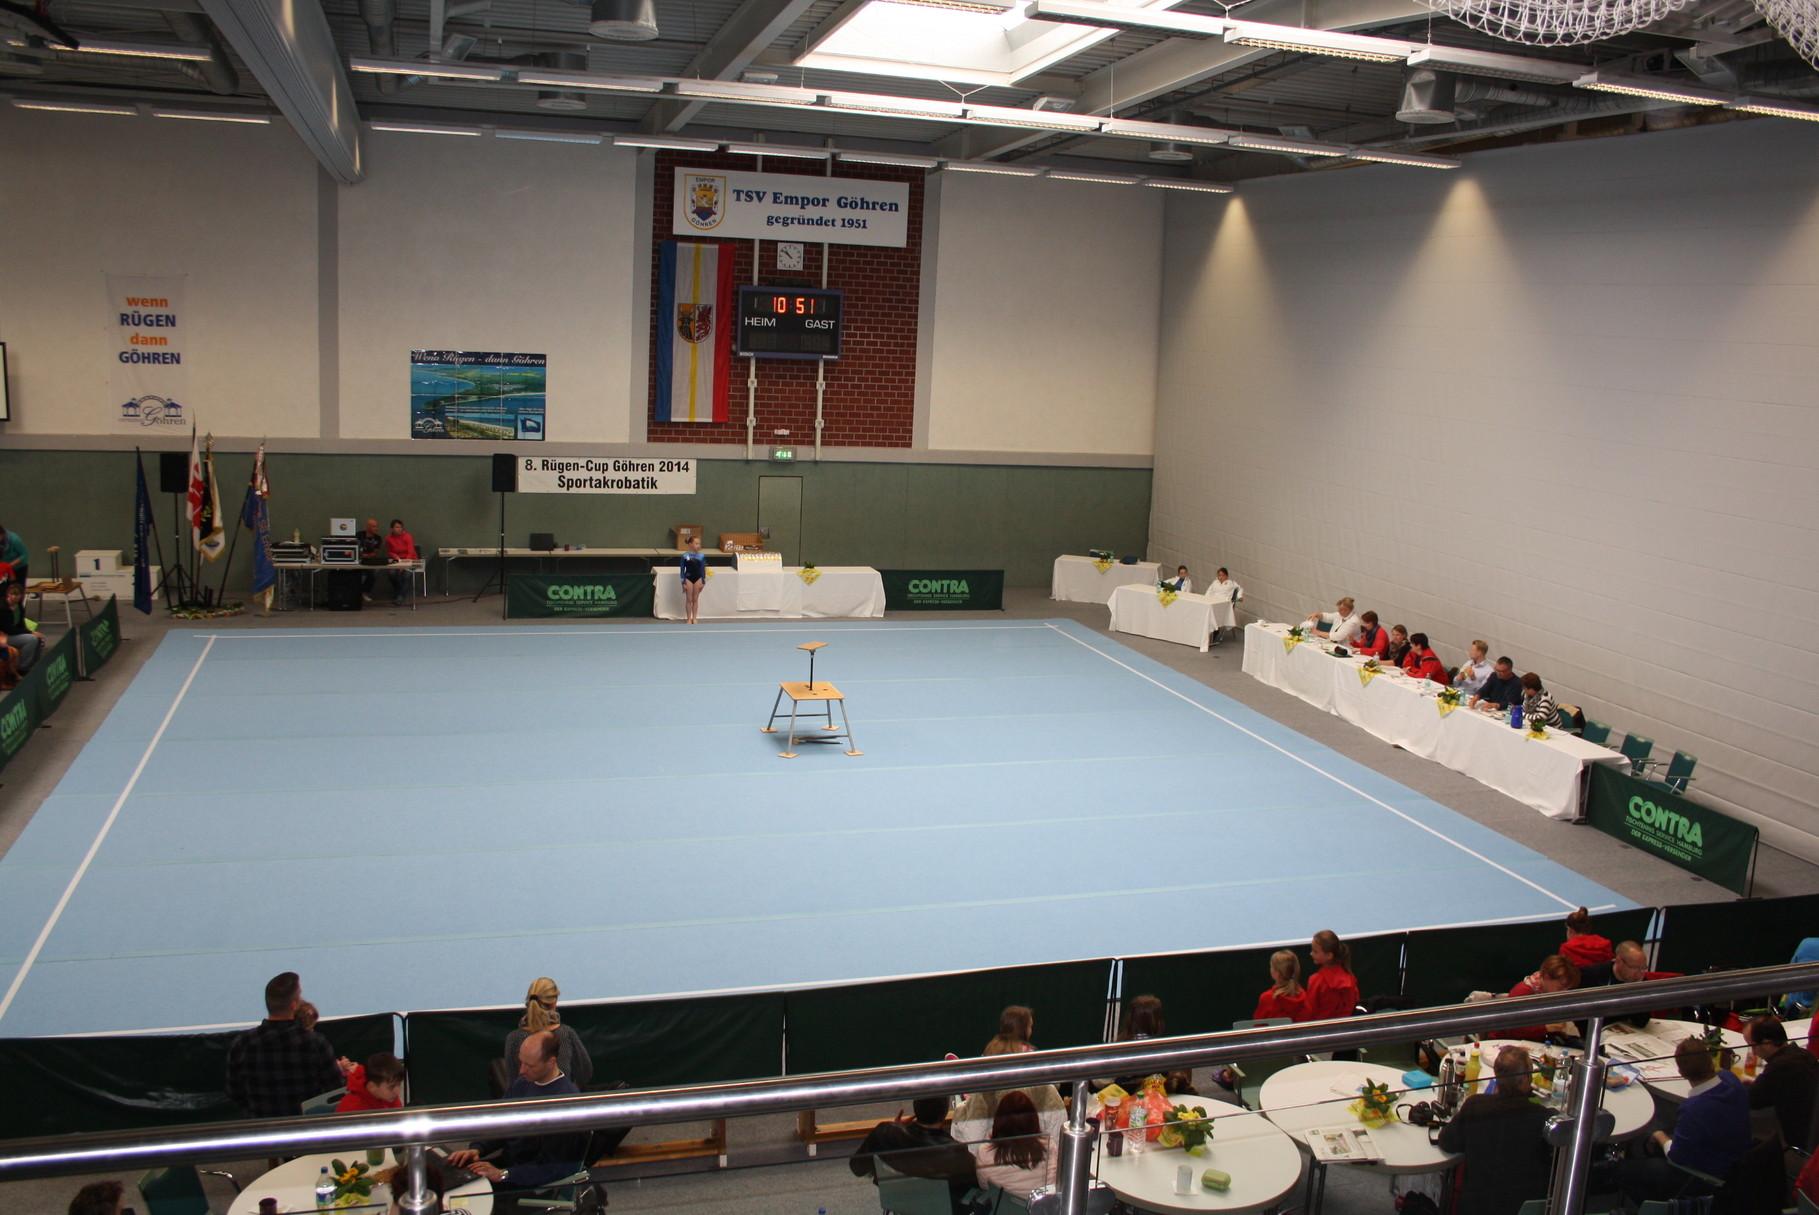 Der Wettkampfboden